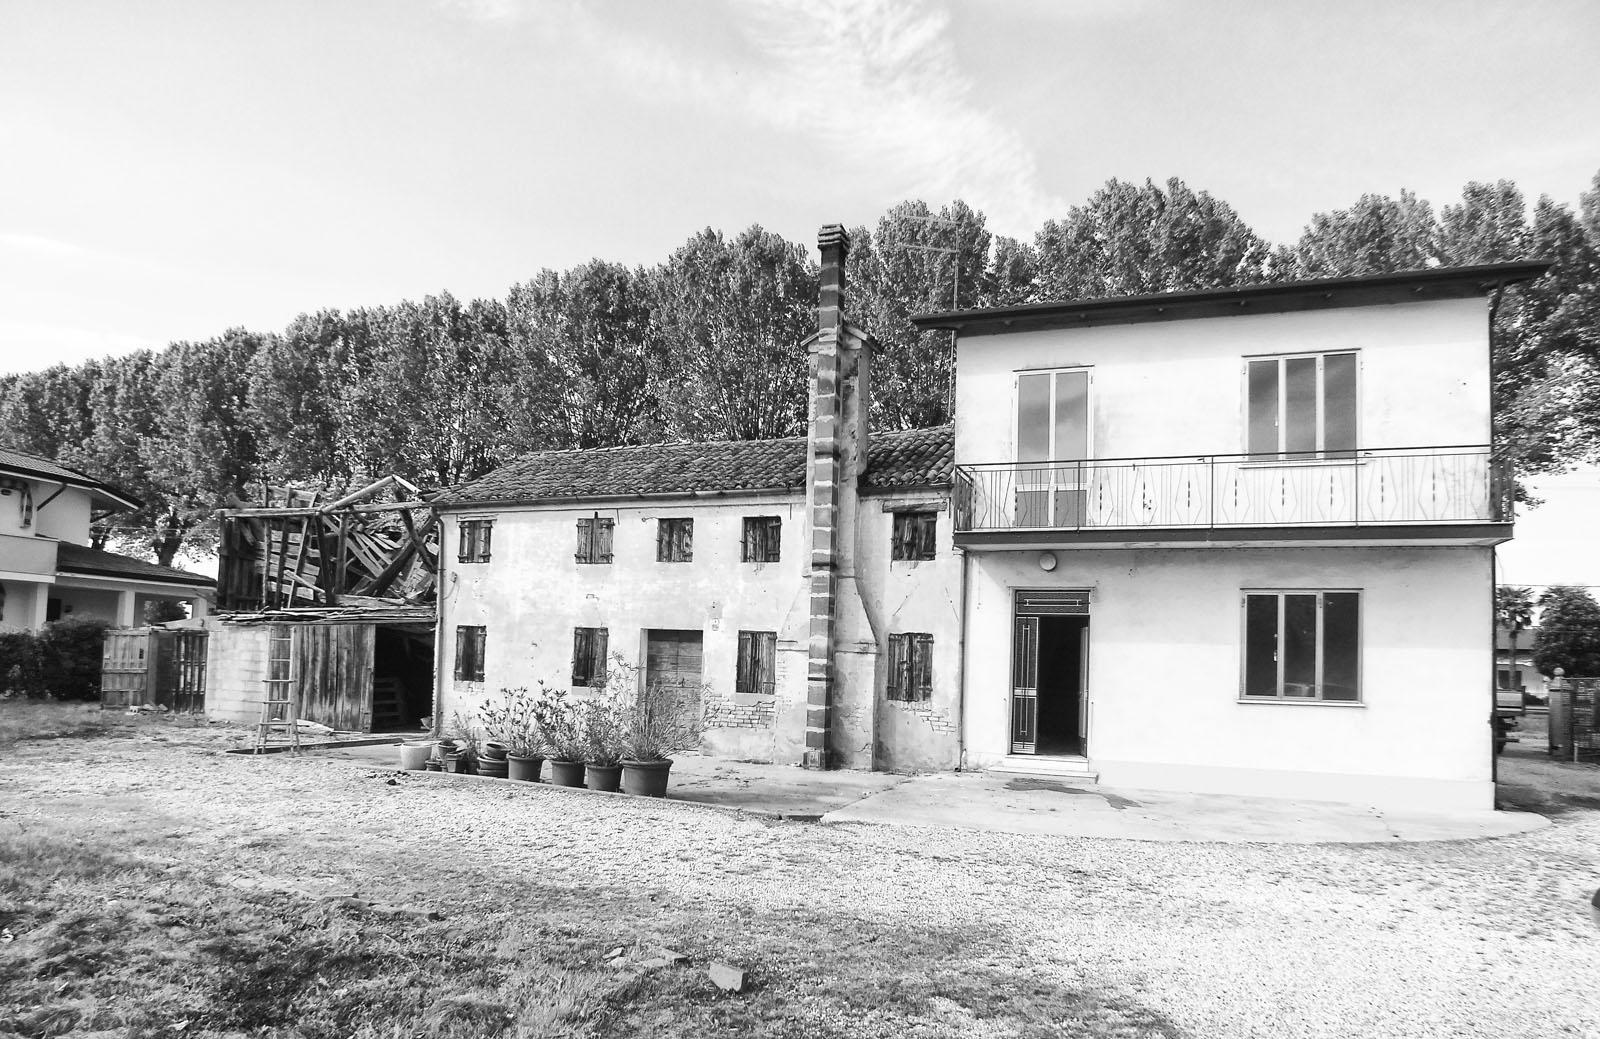 Come ristrutturare una casa vecchia il nostro consiglio - Ristrutturare una casa costi ...